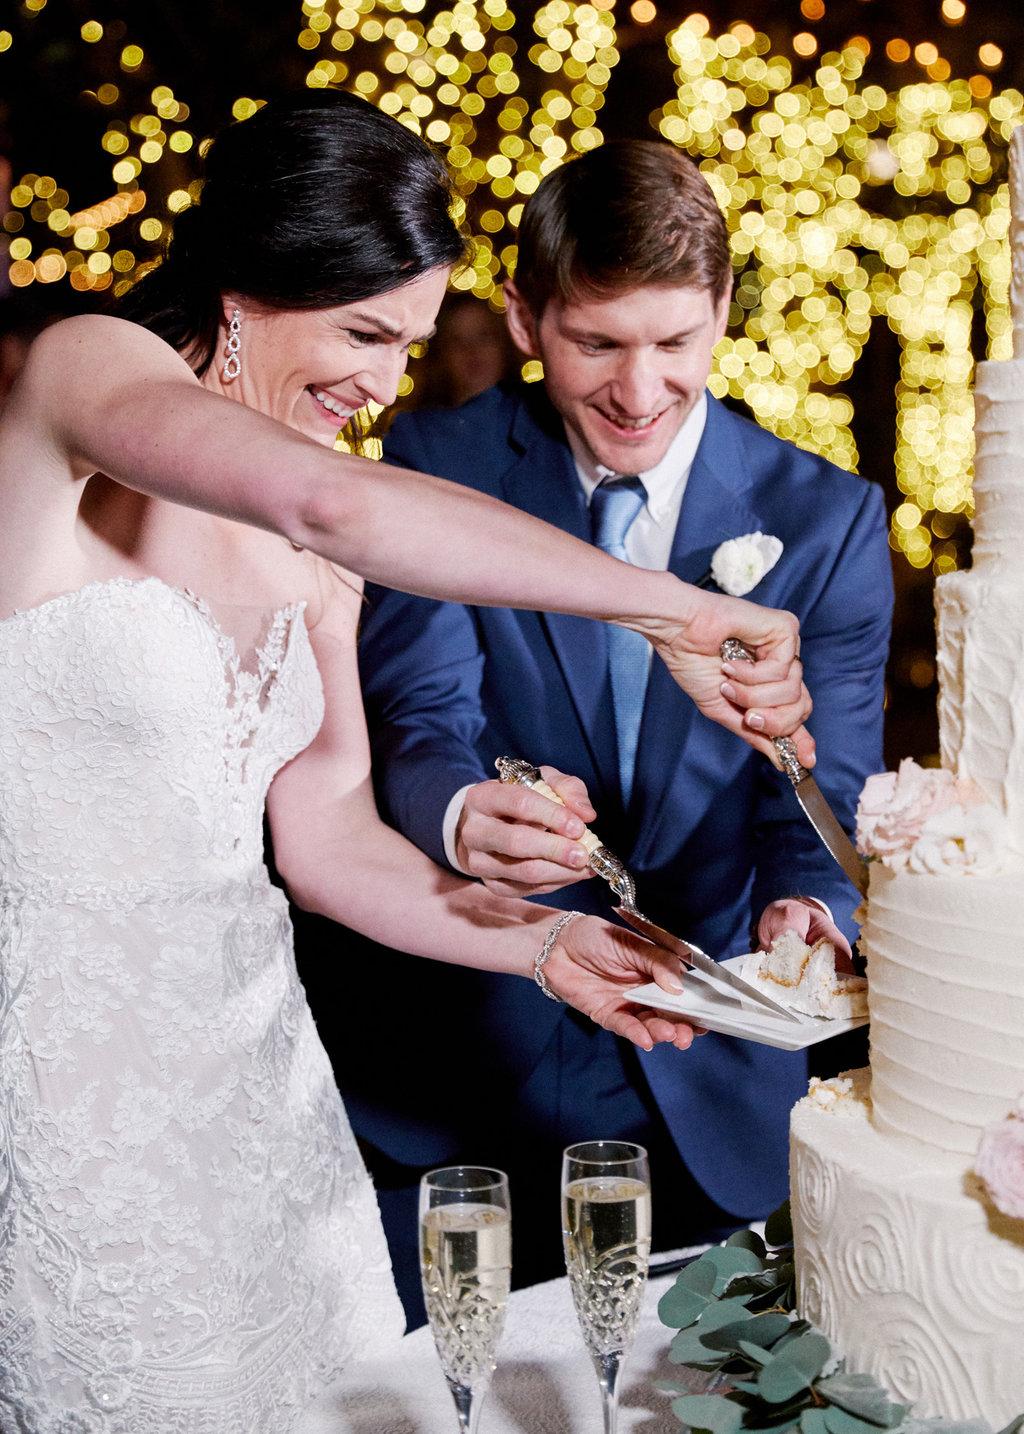 Caroline_Events_Dallas_Wedding_Planner_Marie_Gabrielle_Harwood_Wedding49.jpg